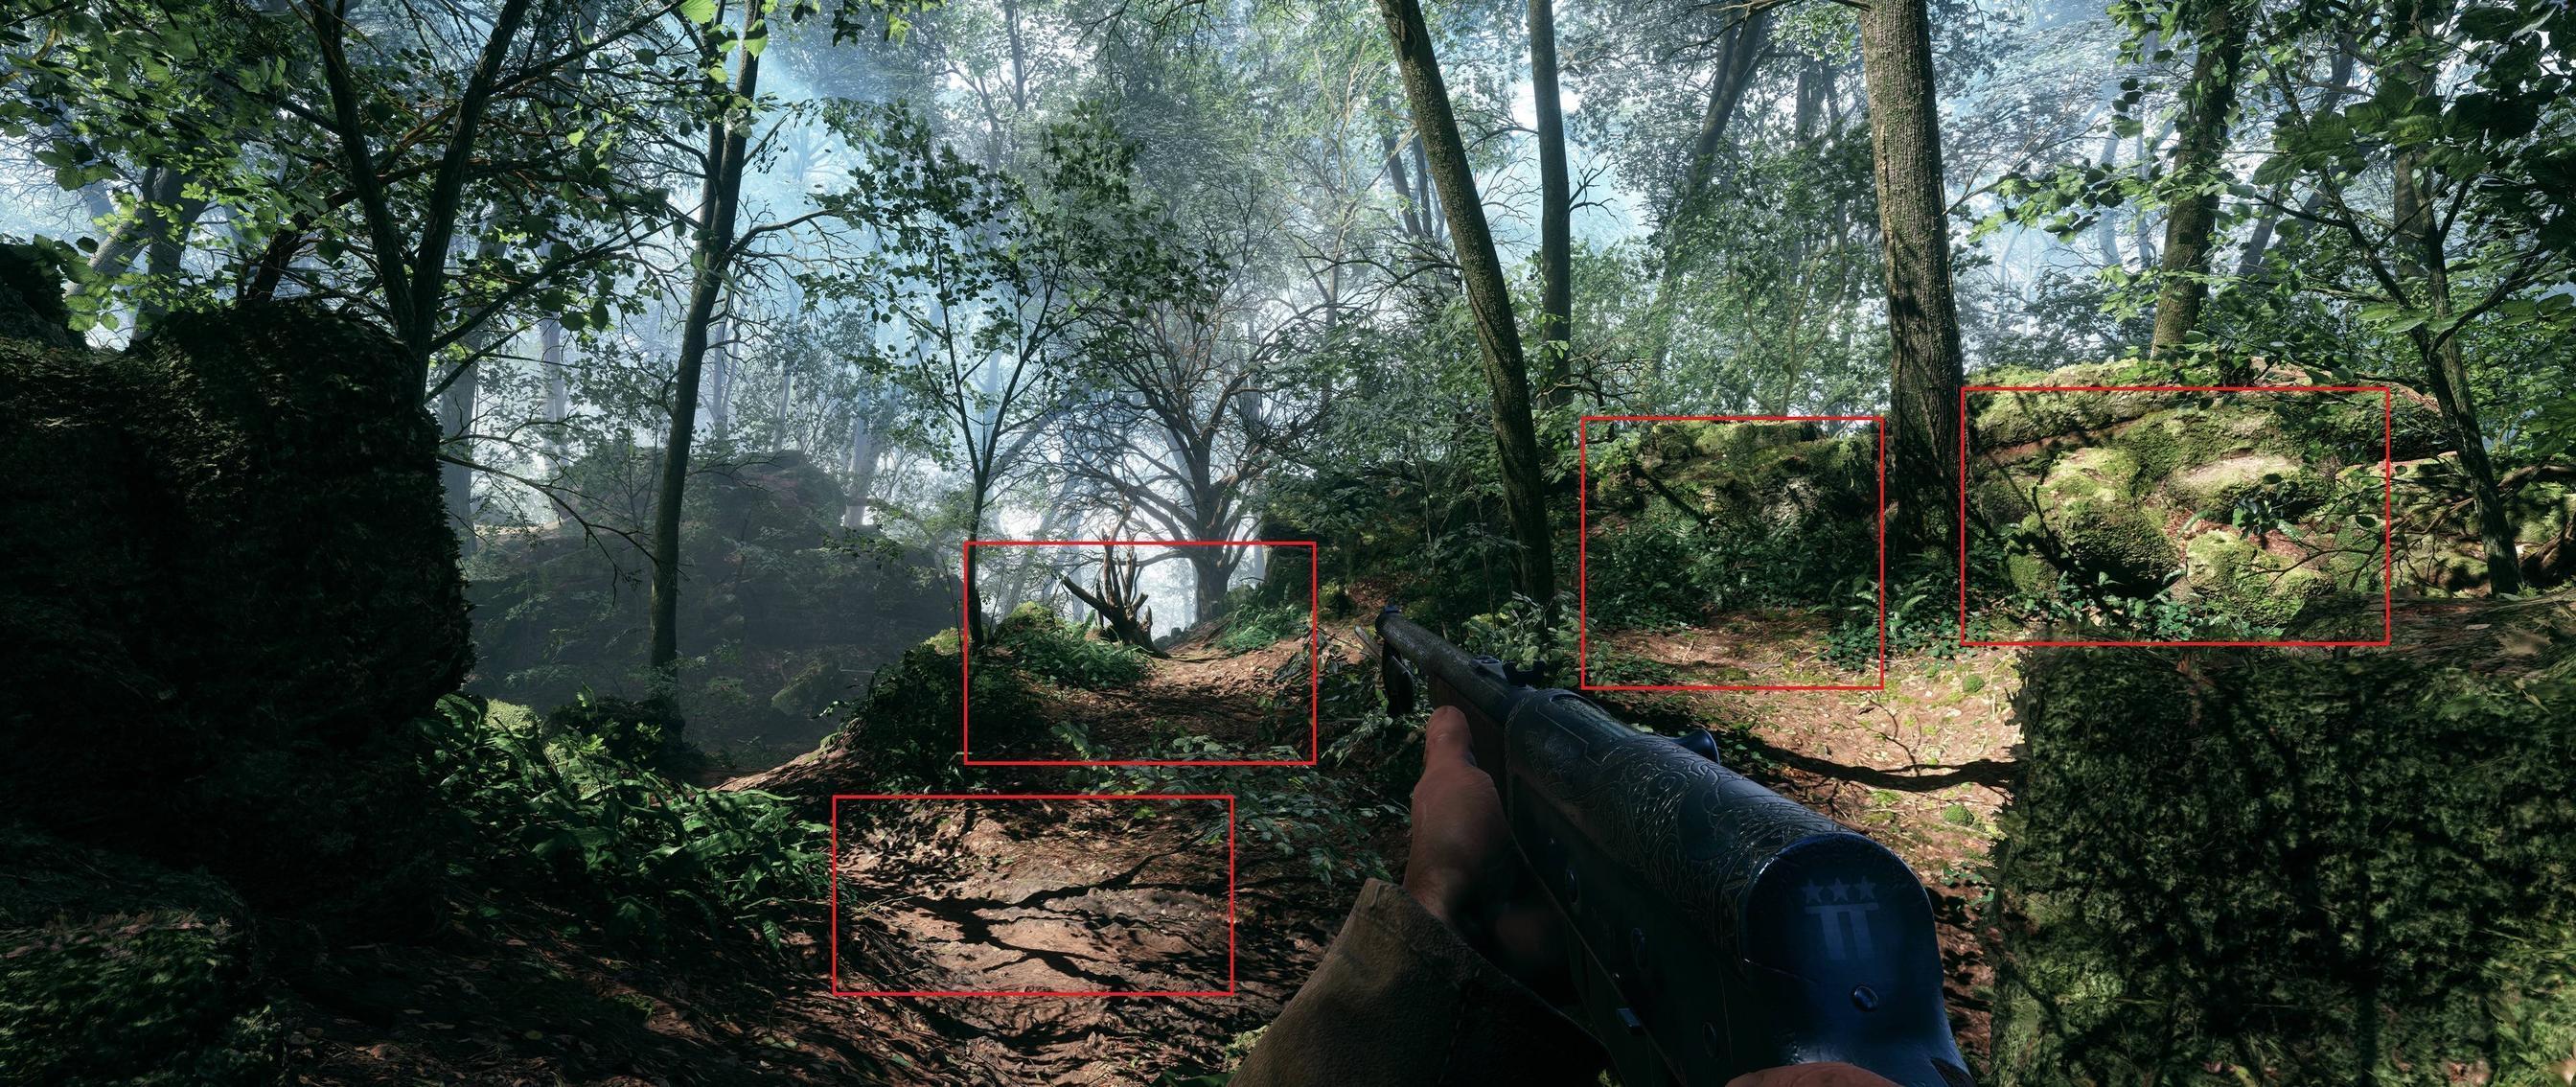 《战地1》更新补丁使PC版画质严重下降